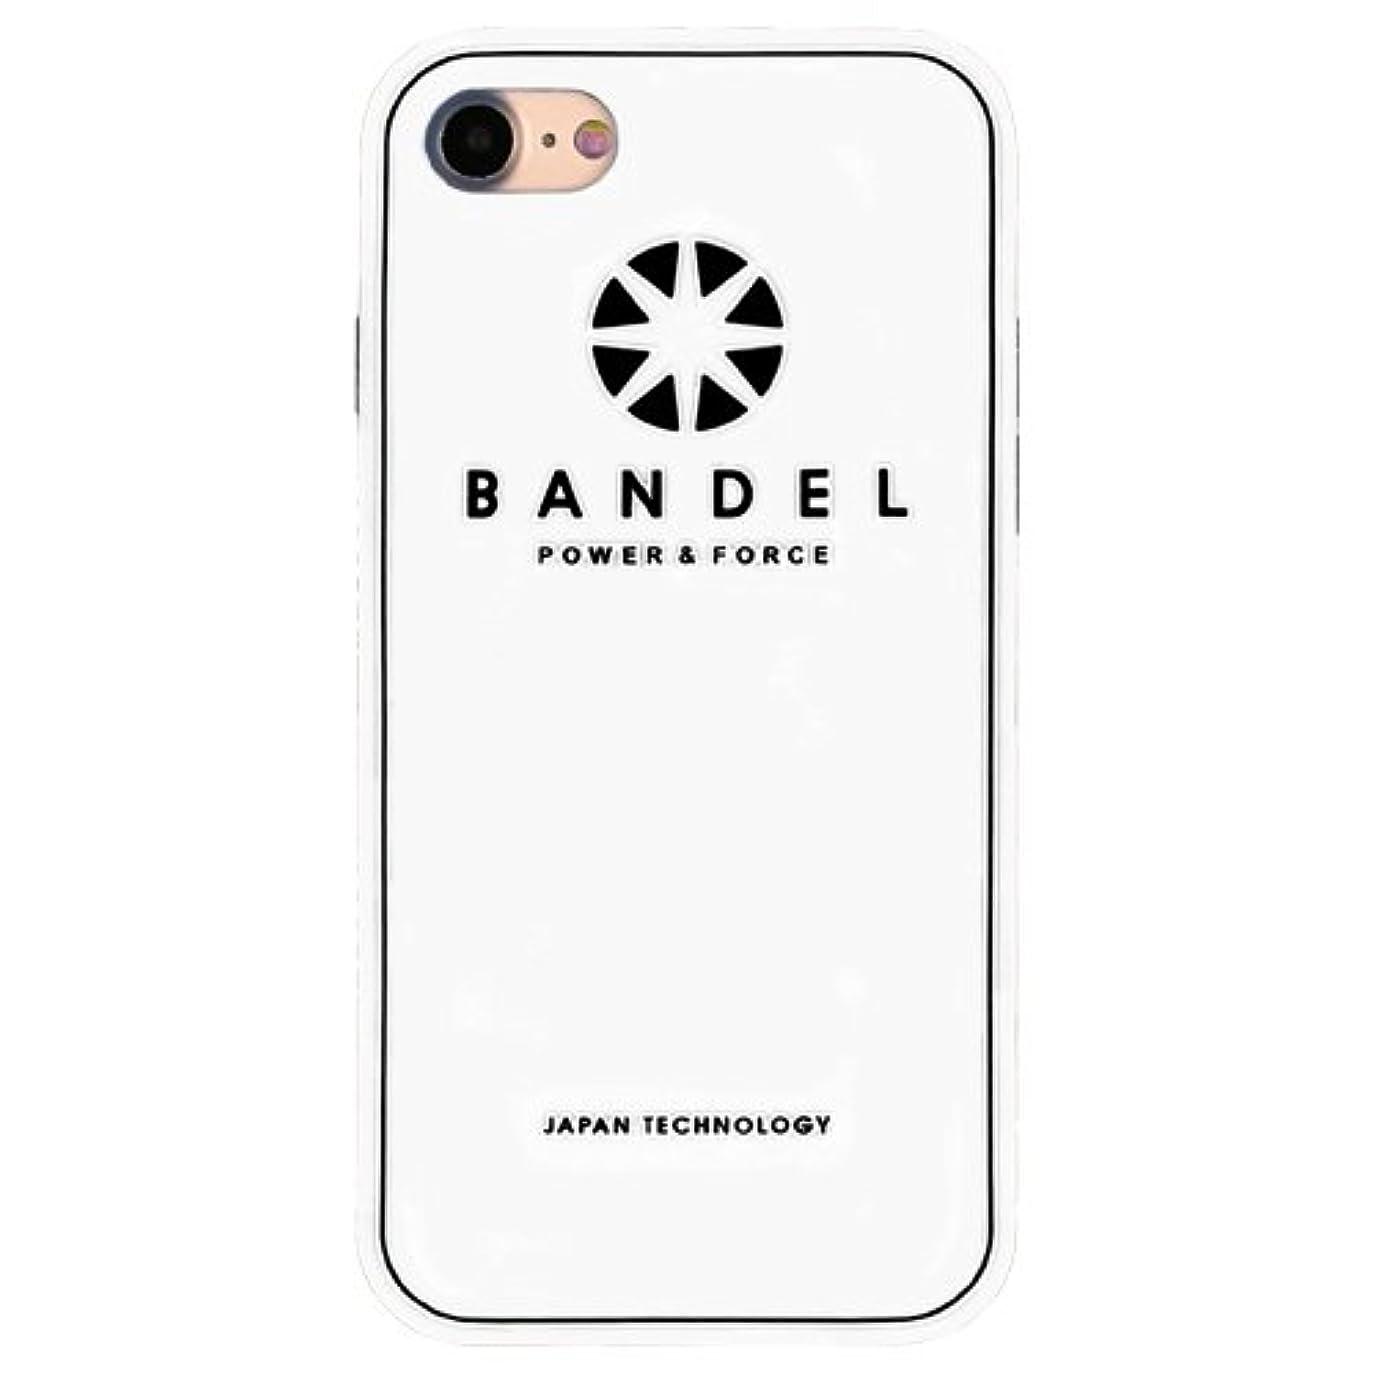 結果セッションロードハウスバンデル(BANDEL) iPhone7ケース ロゴ ホワイト [iPhone7用シリコンケース]